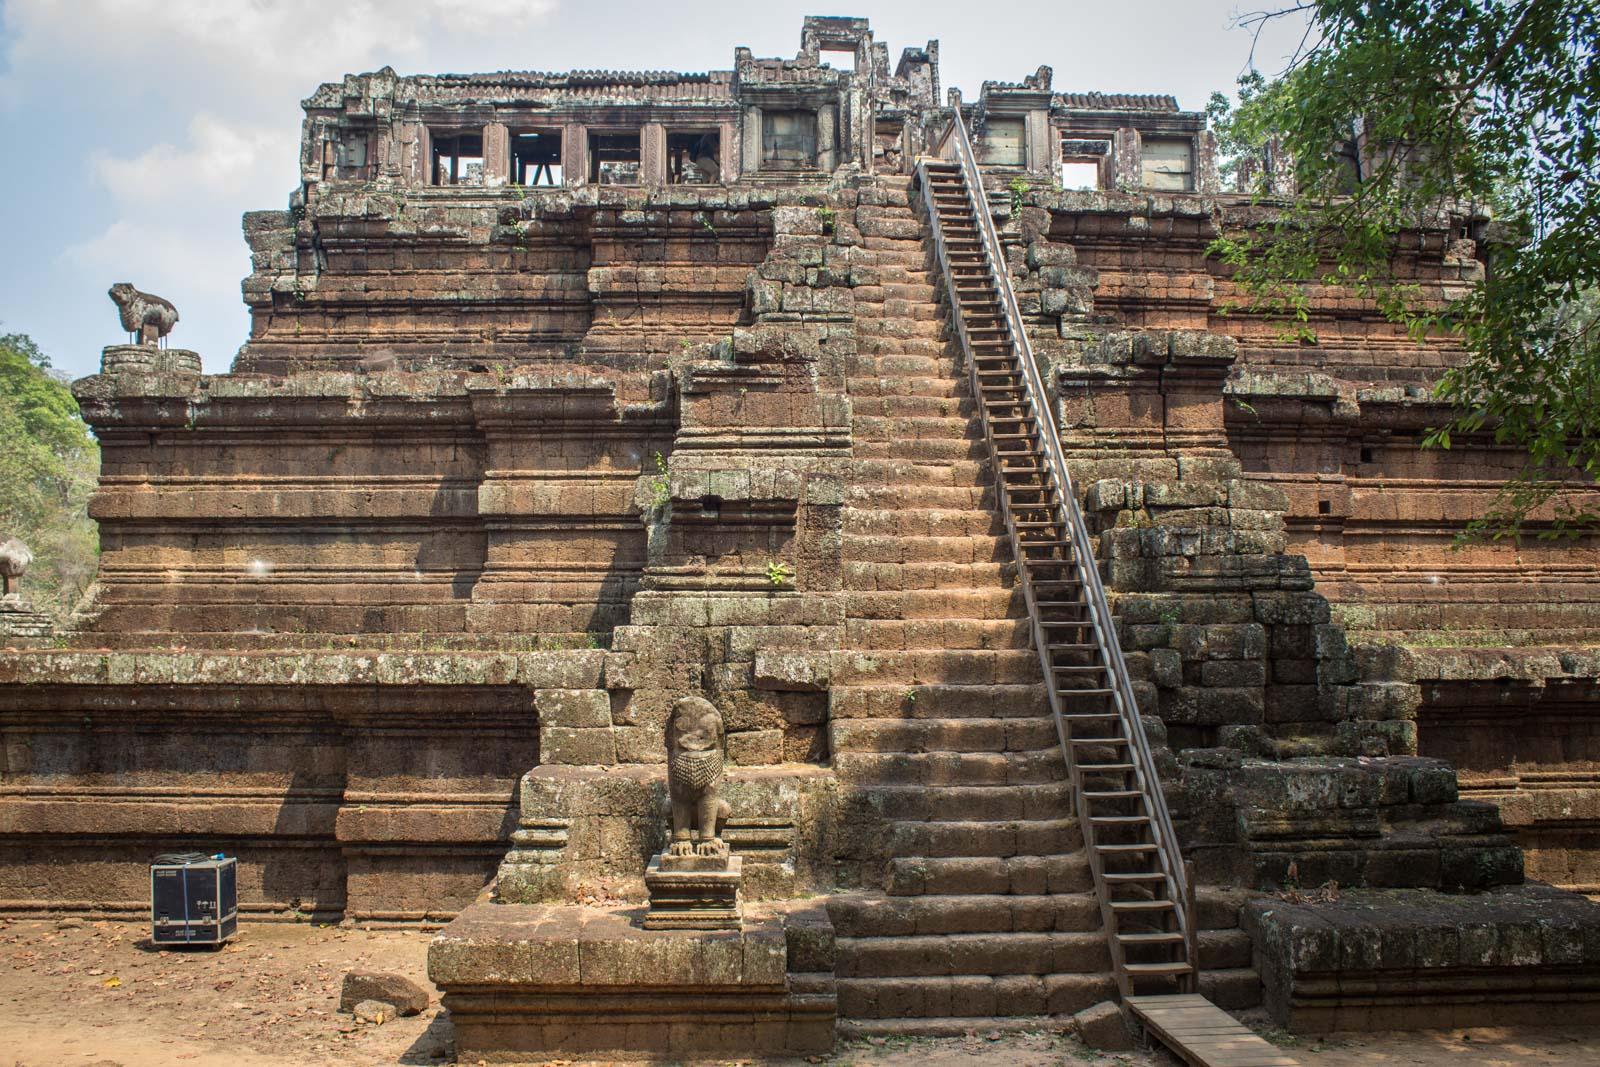 angkor wat, angkor temples, cambodia, siem reap, visiting angkor, best temples